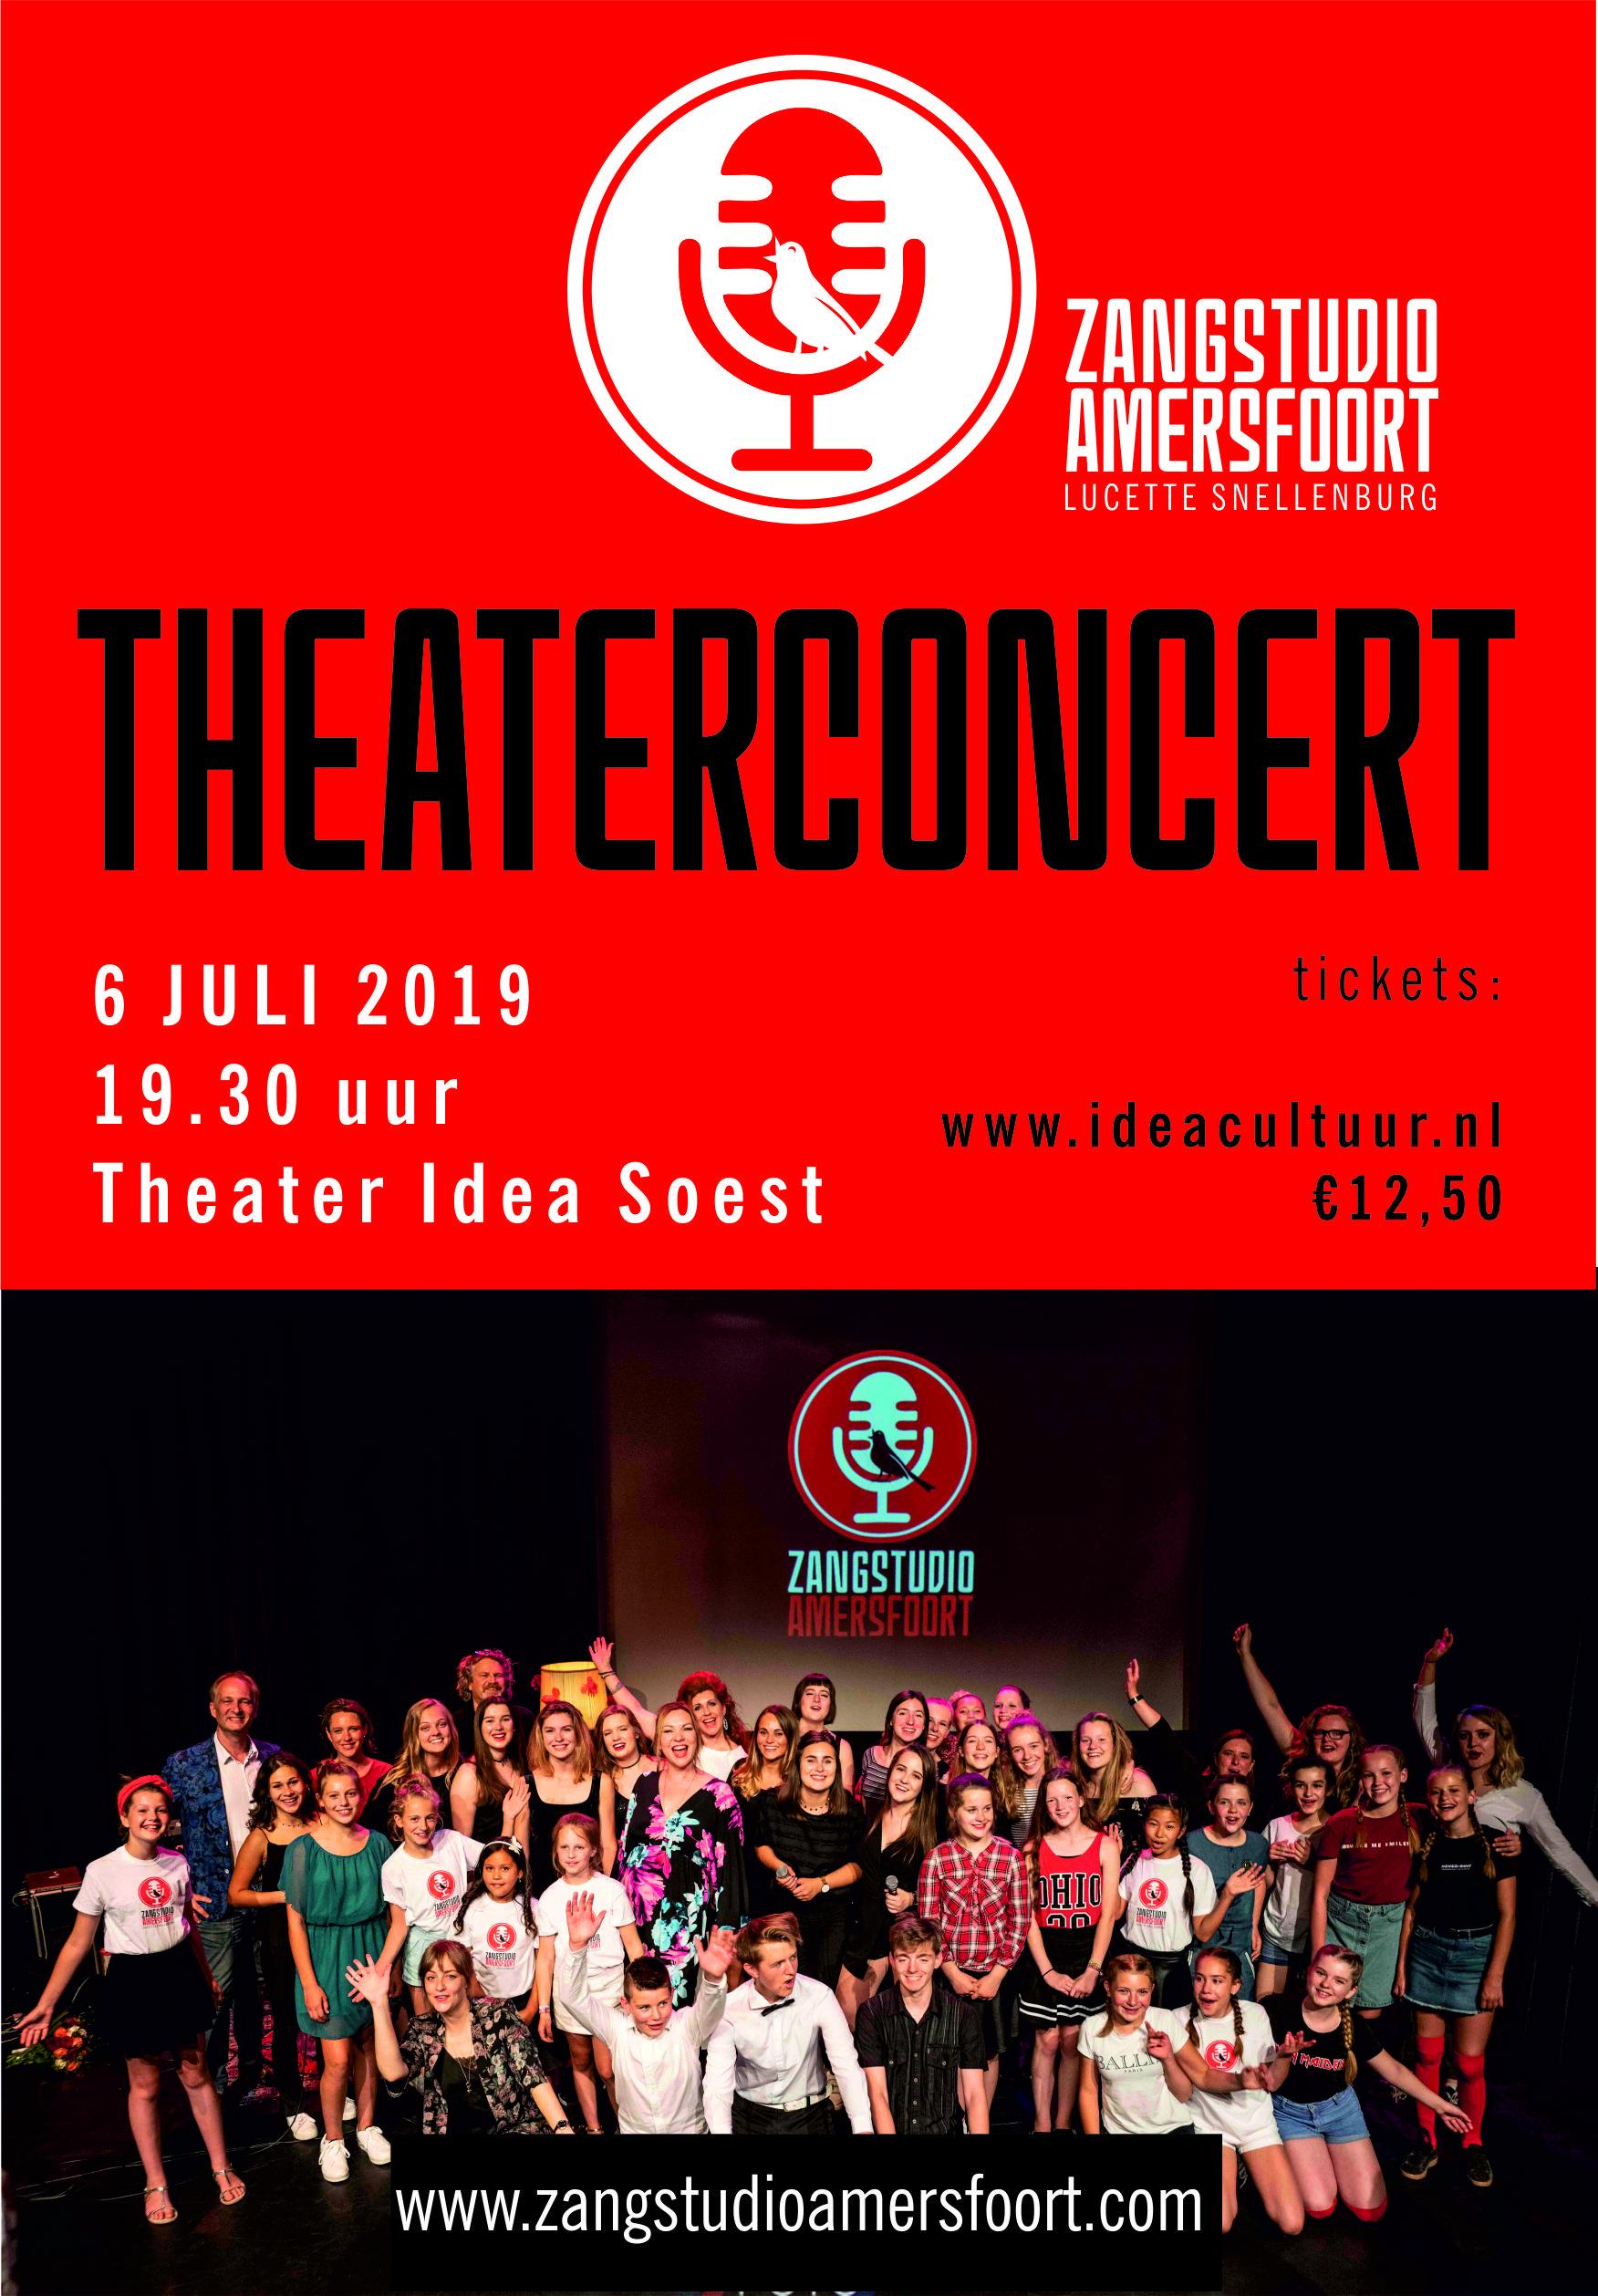 UITVERKOCHT!!! - Joepie, het theaterconcert 2019 is uitverkocht!!